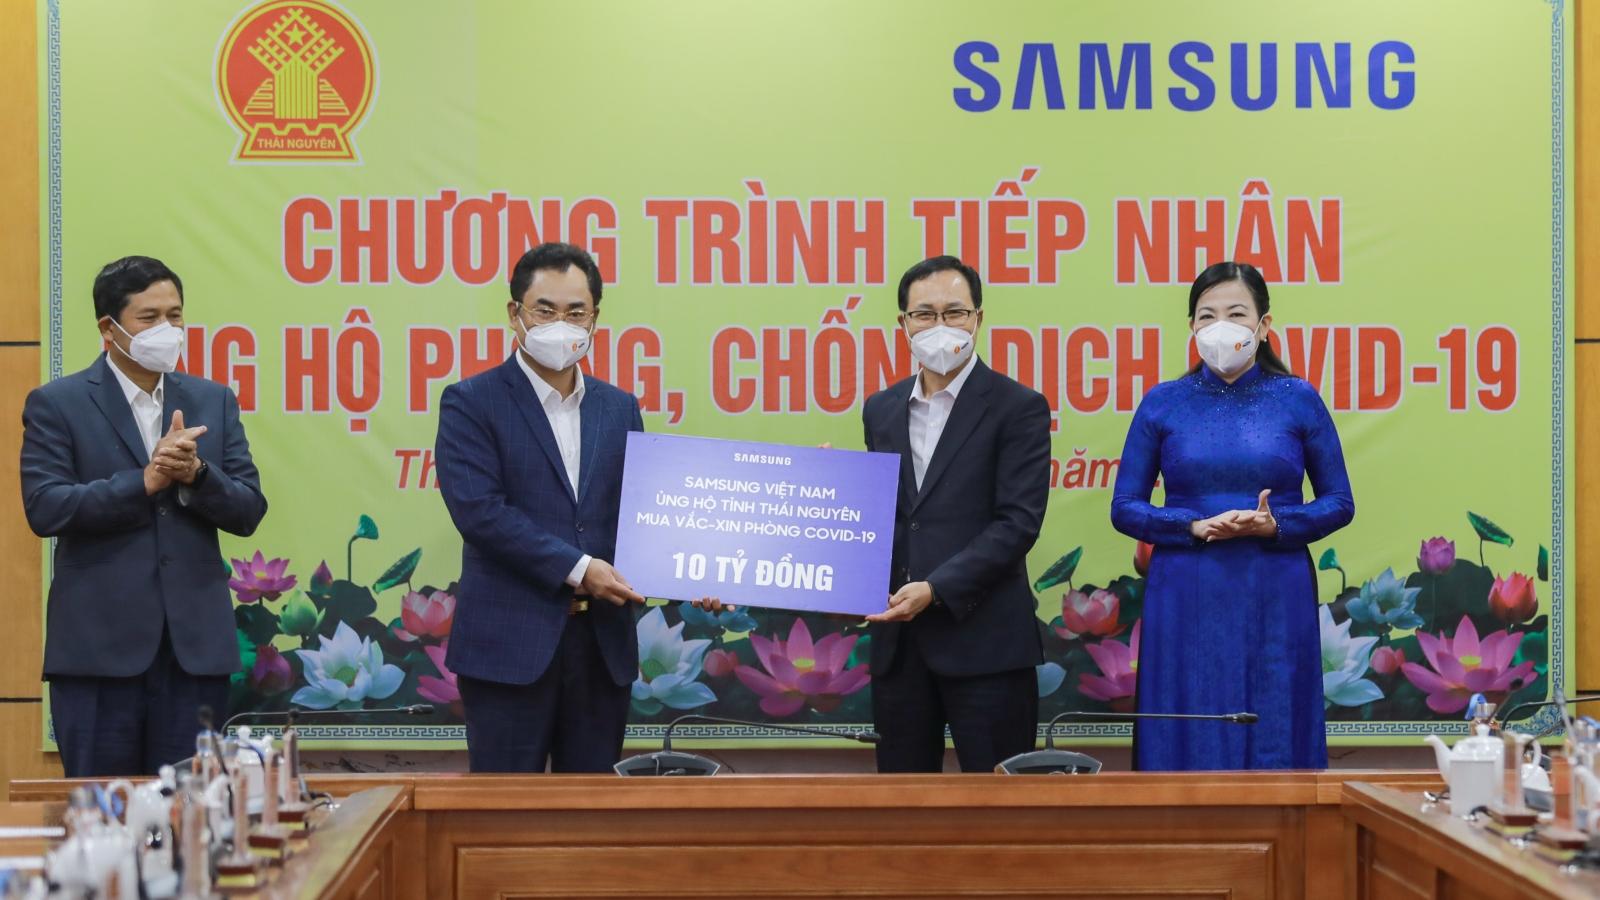 Samsung Việt Nam trao tặng gần 11 tỷ đồng cho tỉnh Thái Nguyên phòng, chống Covid -19